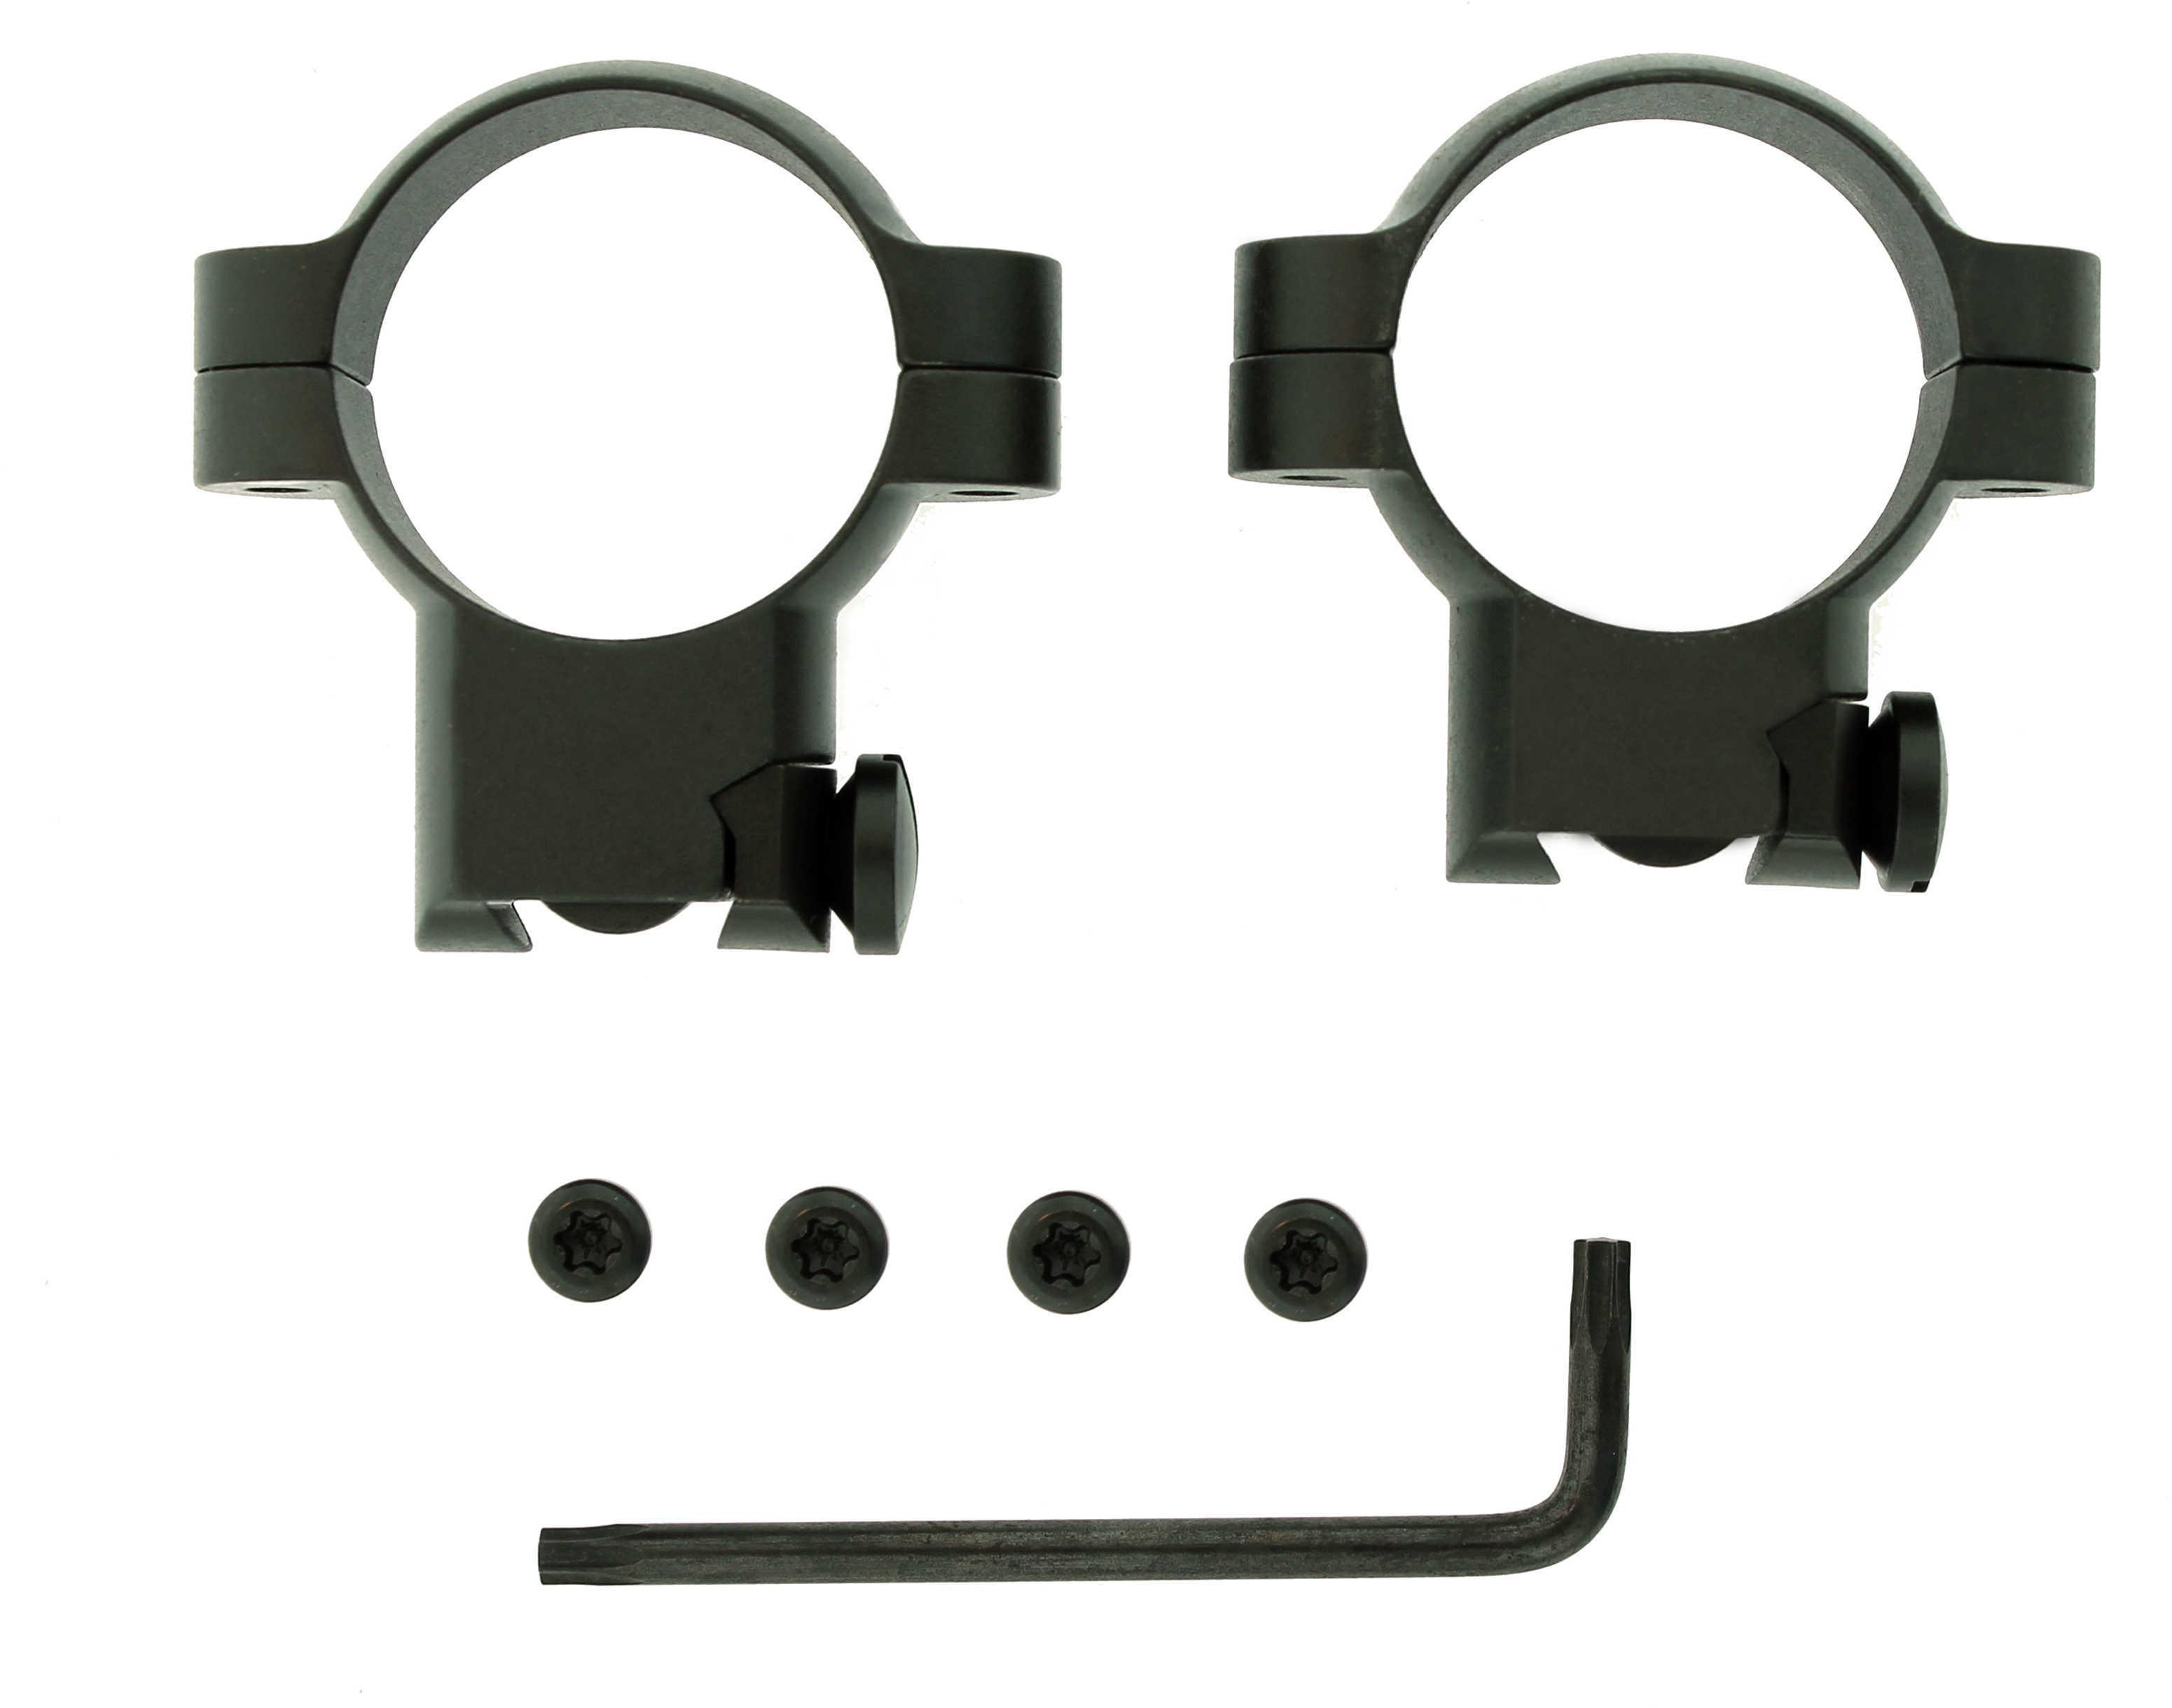 Leupold Ruger® M77 Ring Mounts 30mm High Matte Black Md: 51042